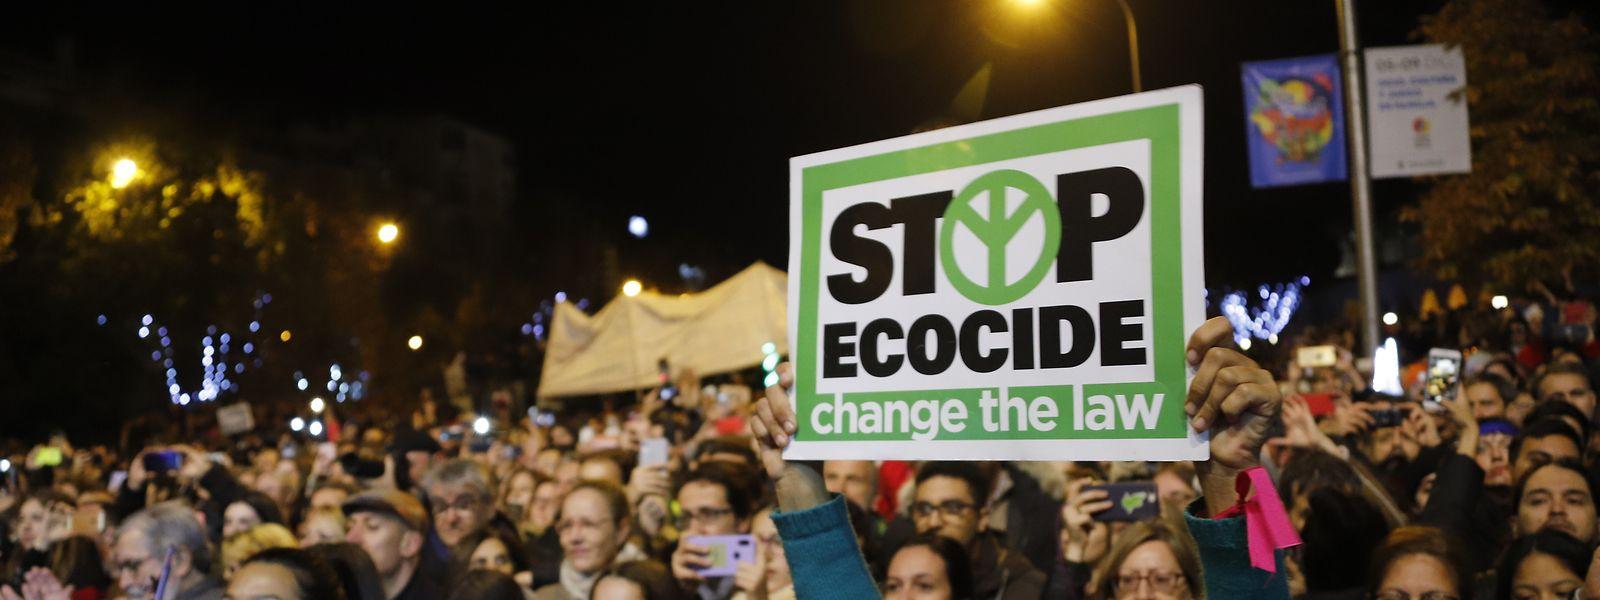 Tausende von Menschen nehmen während der COP25 U.N. Klimakonferenz 2019 in Madrid an einem Klimamarsch teil. Politiker werden zu mehr Engagement im Kampf gegen die globale Erderwärmung aufgerufen.